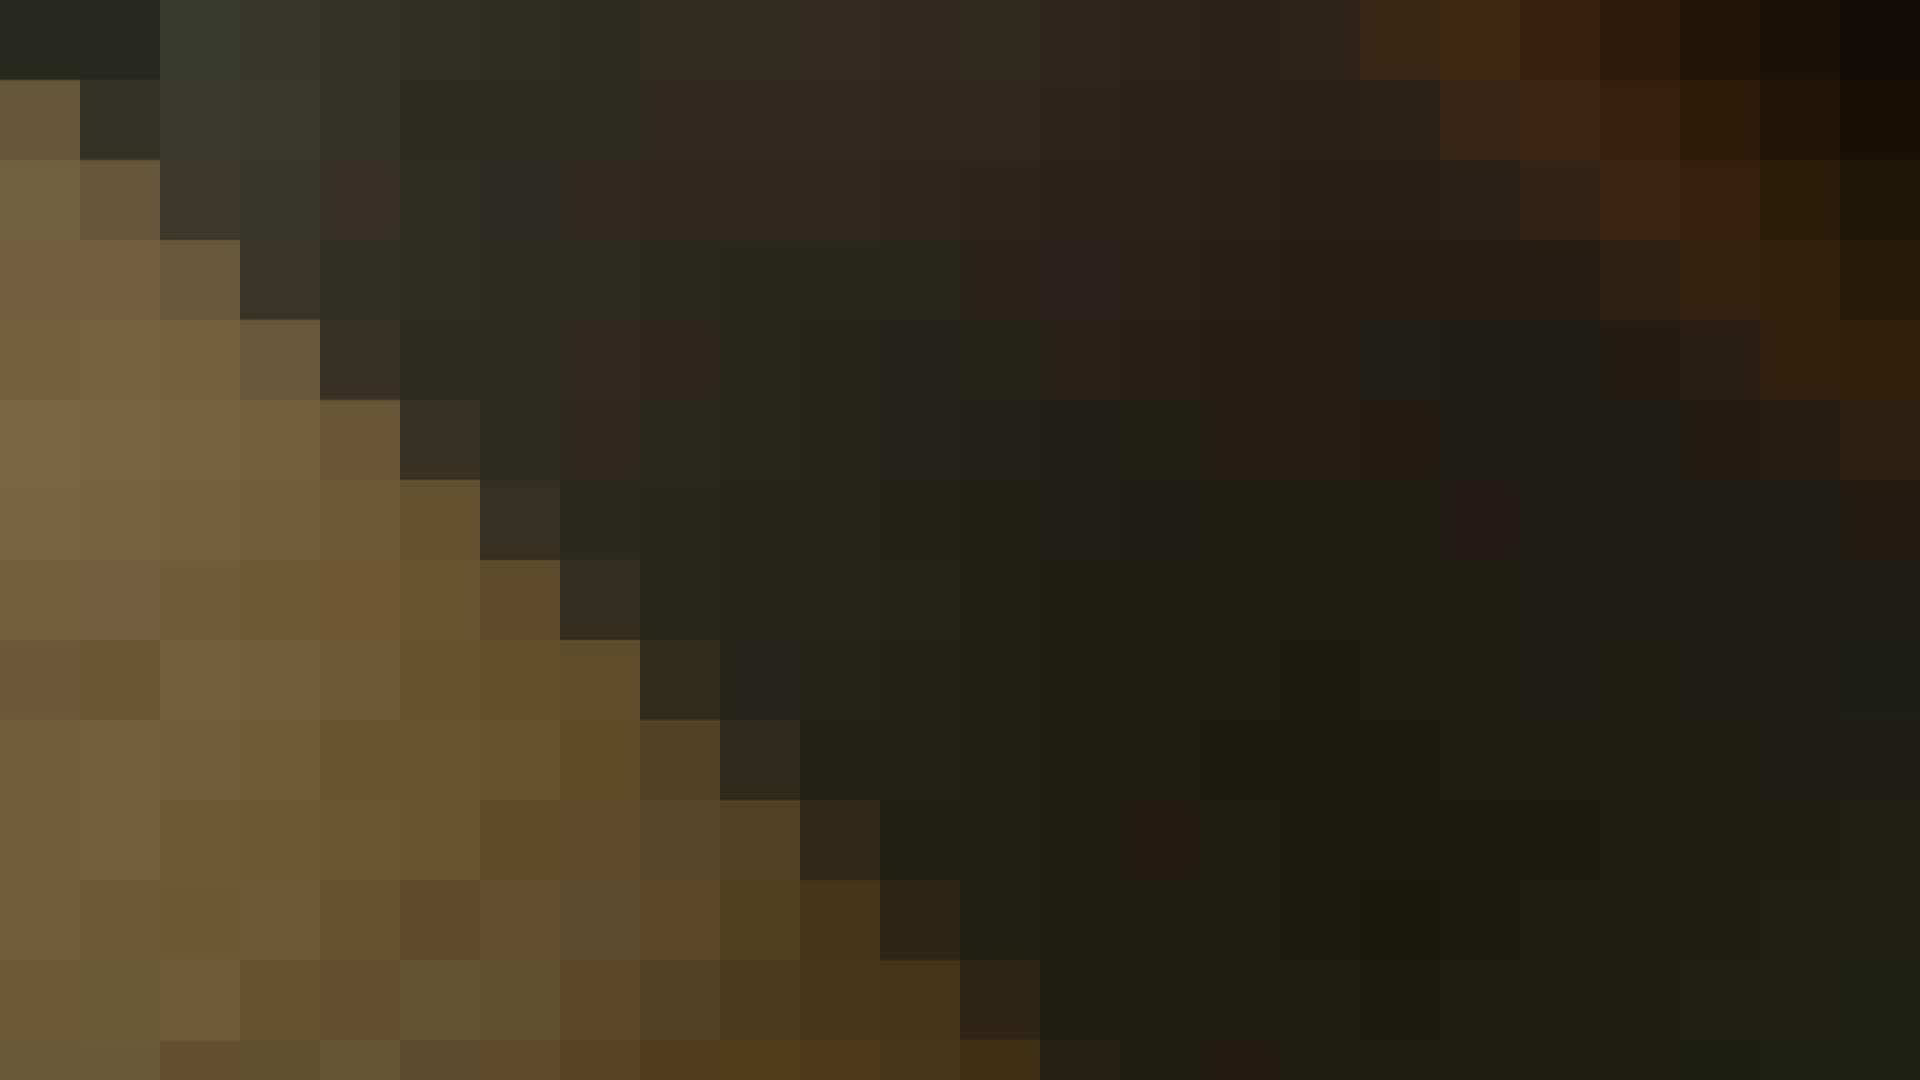 阿国ちゃんの「和式洋式七変化」No.16 高画質 濡れ場動画紹介 102枚 77